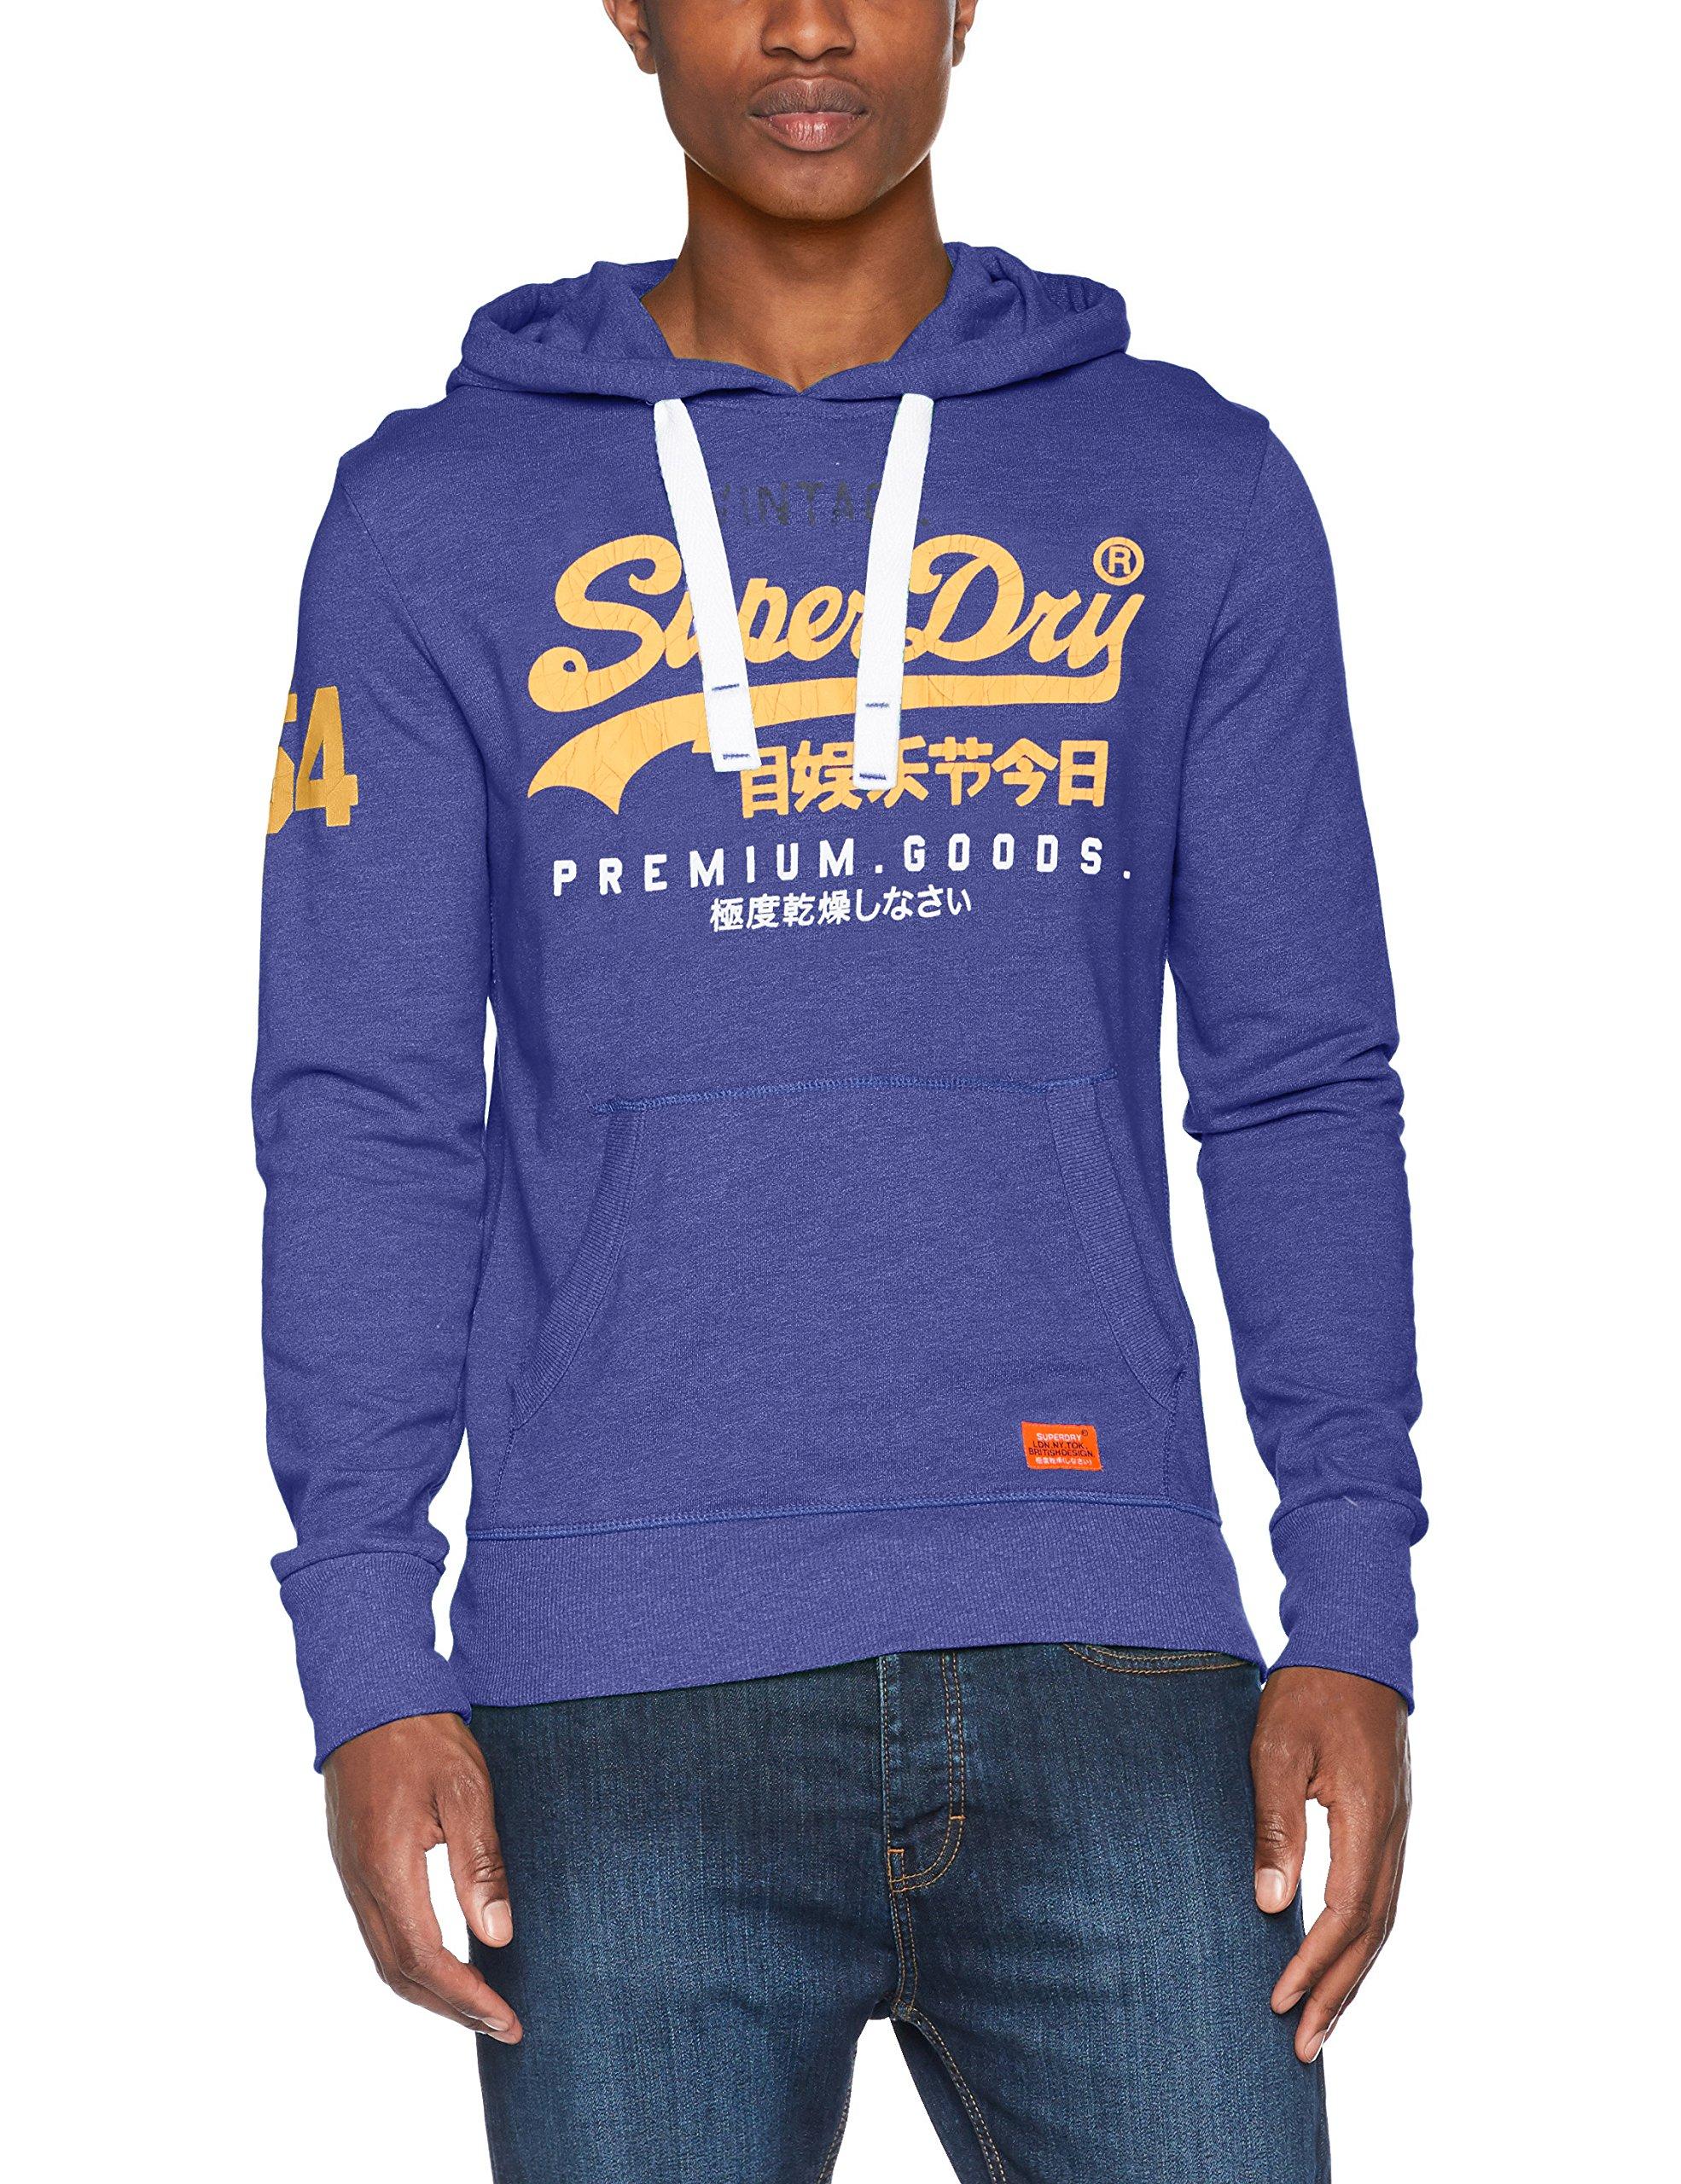 Sweat FabricantLargeHomme Capuche Superdry Lite Goods À Premium shirt Blue Grittaille SportBleucobalt XPkiOuZ